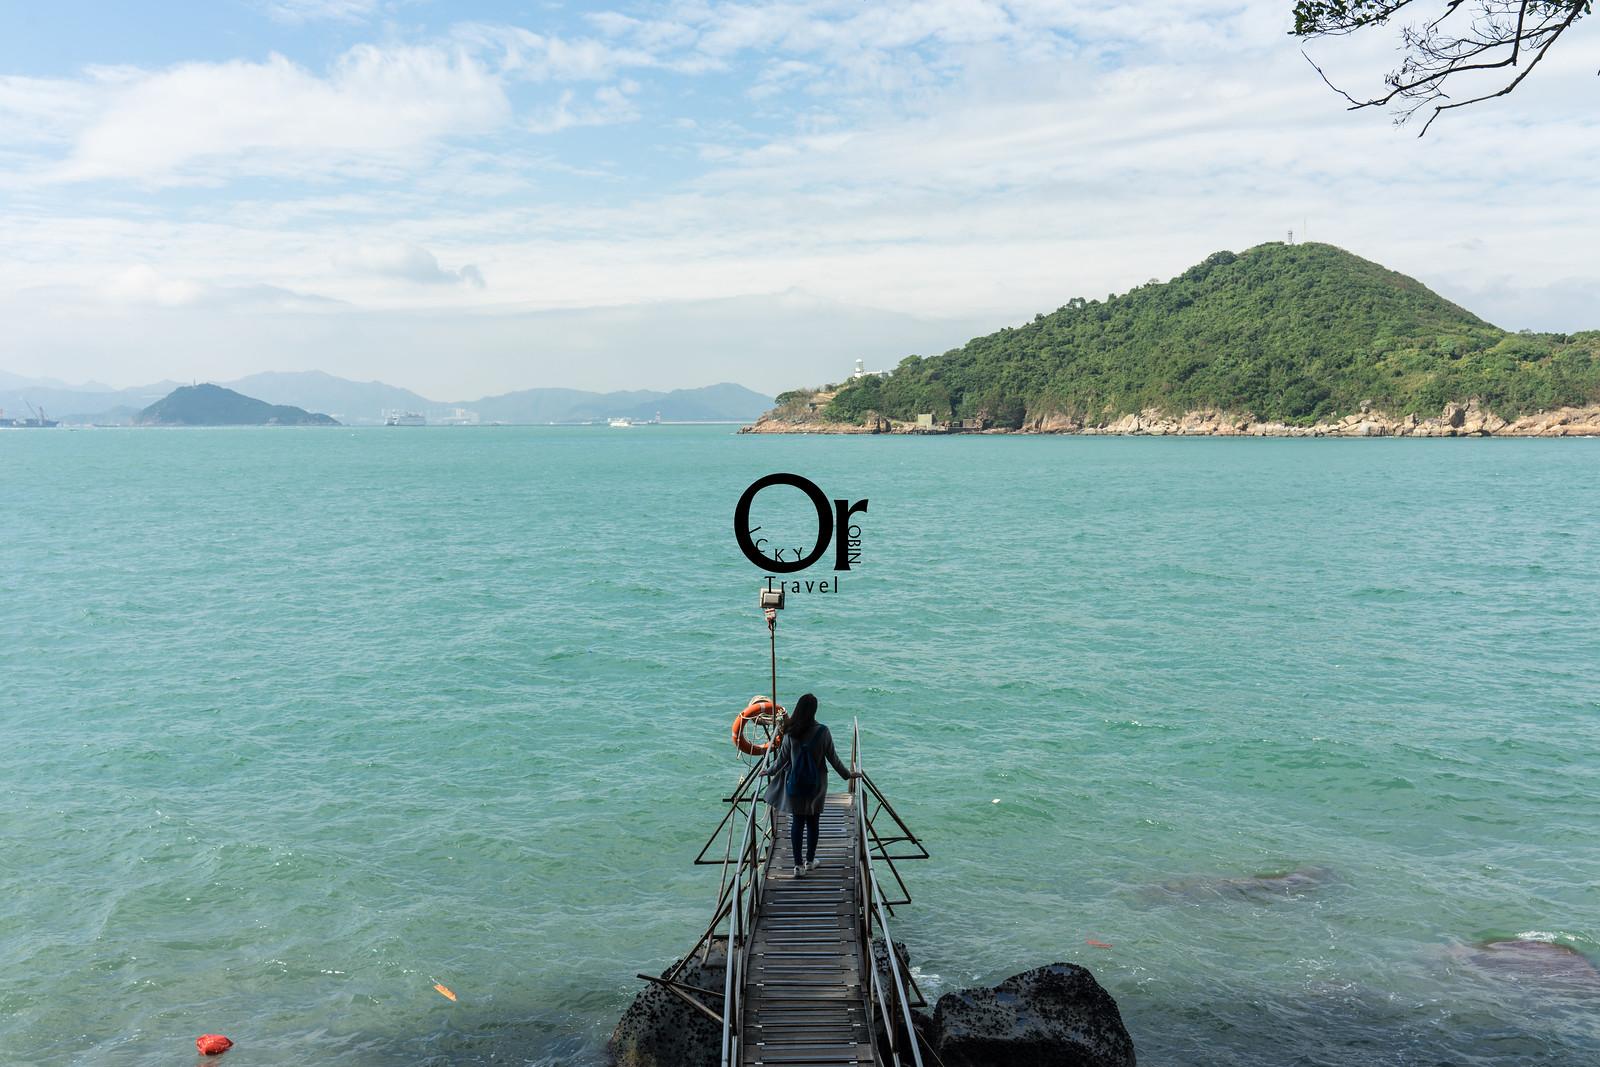 [香港|景點] 西環泳棚,香港知名打卡點,讓西環鐘聲泳棚帶你走進舊香港的天然泳池